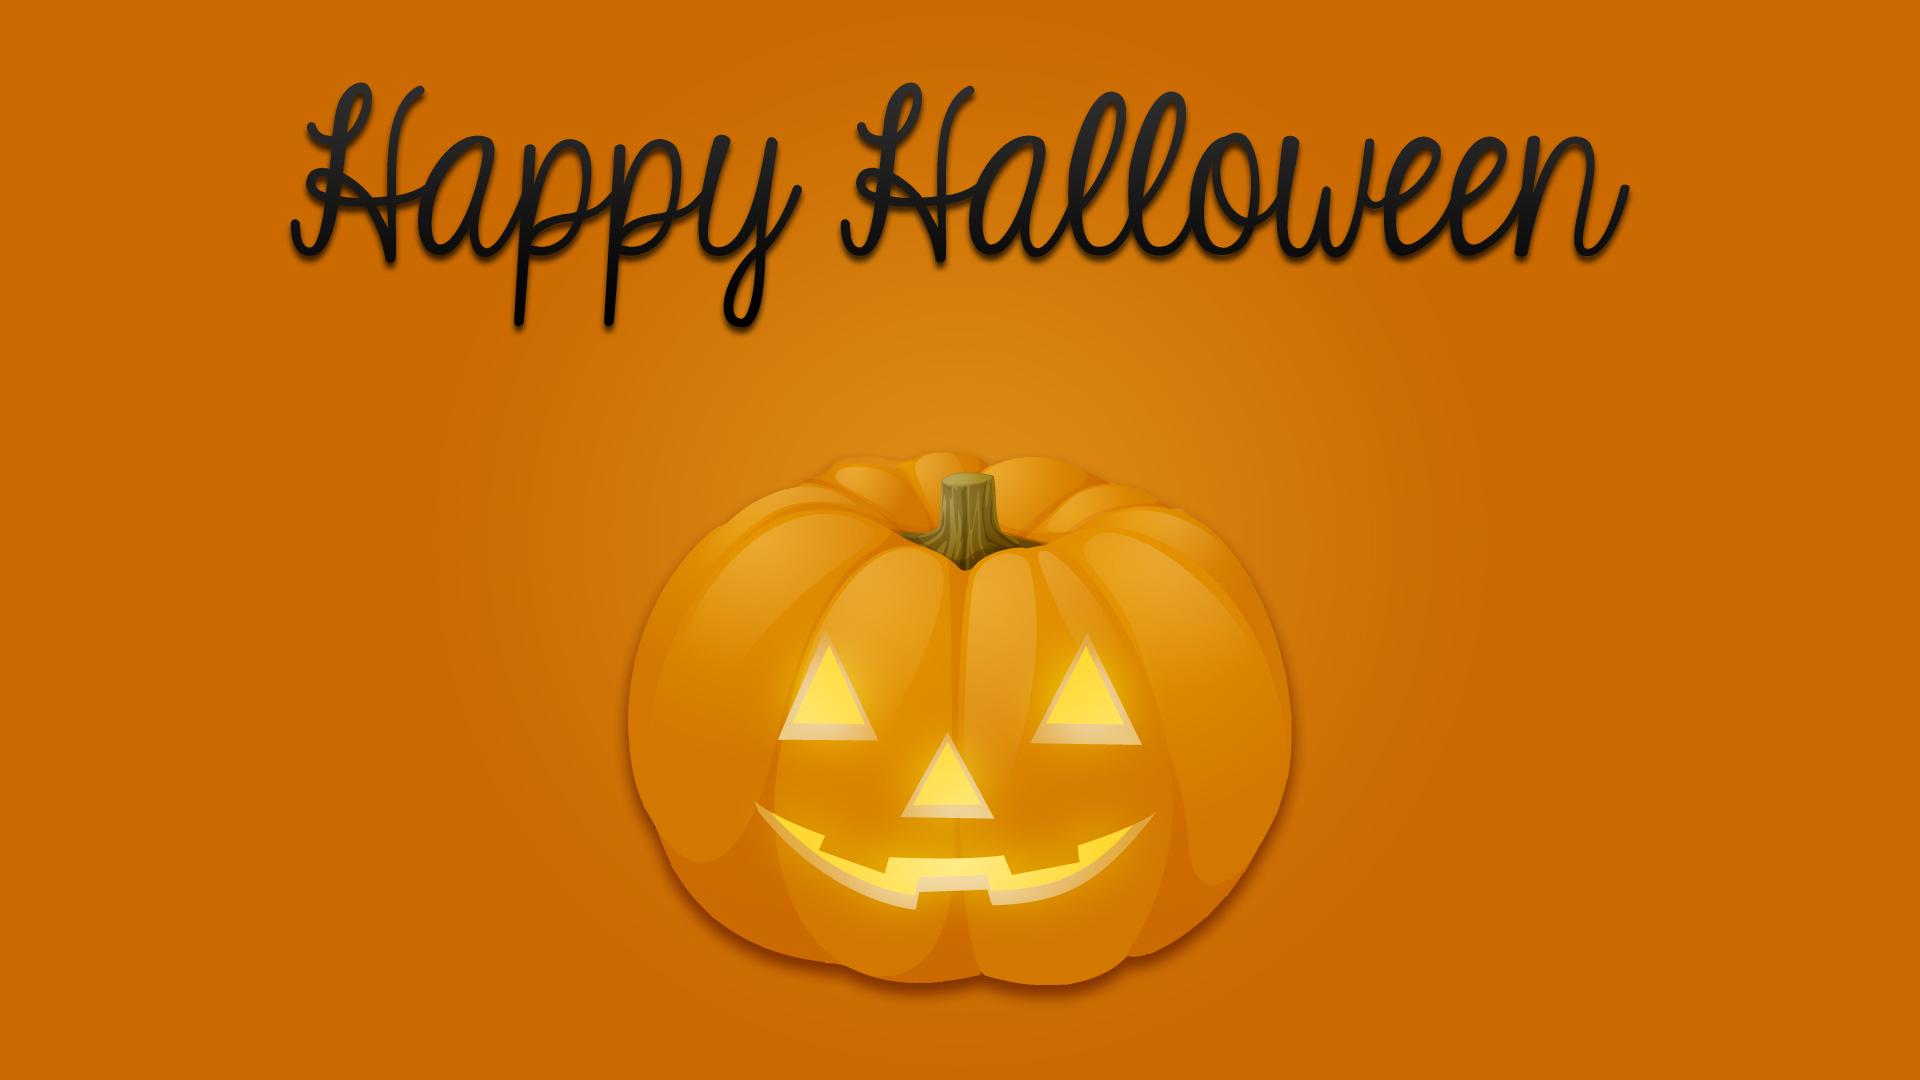 Happy Halloween Pumpkin Wallpaper 1920x1080